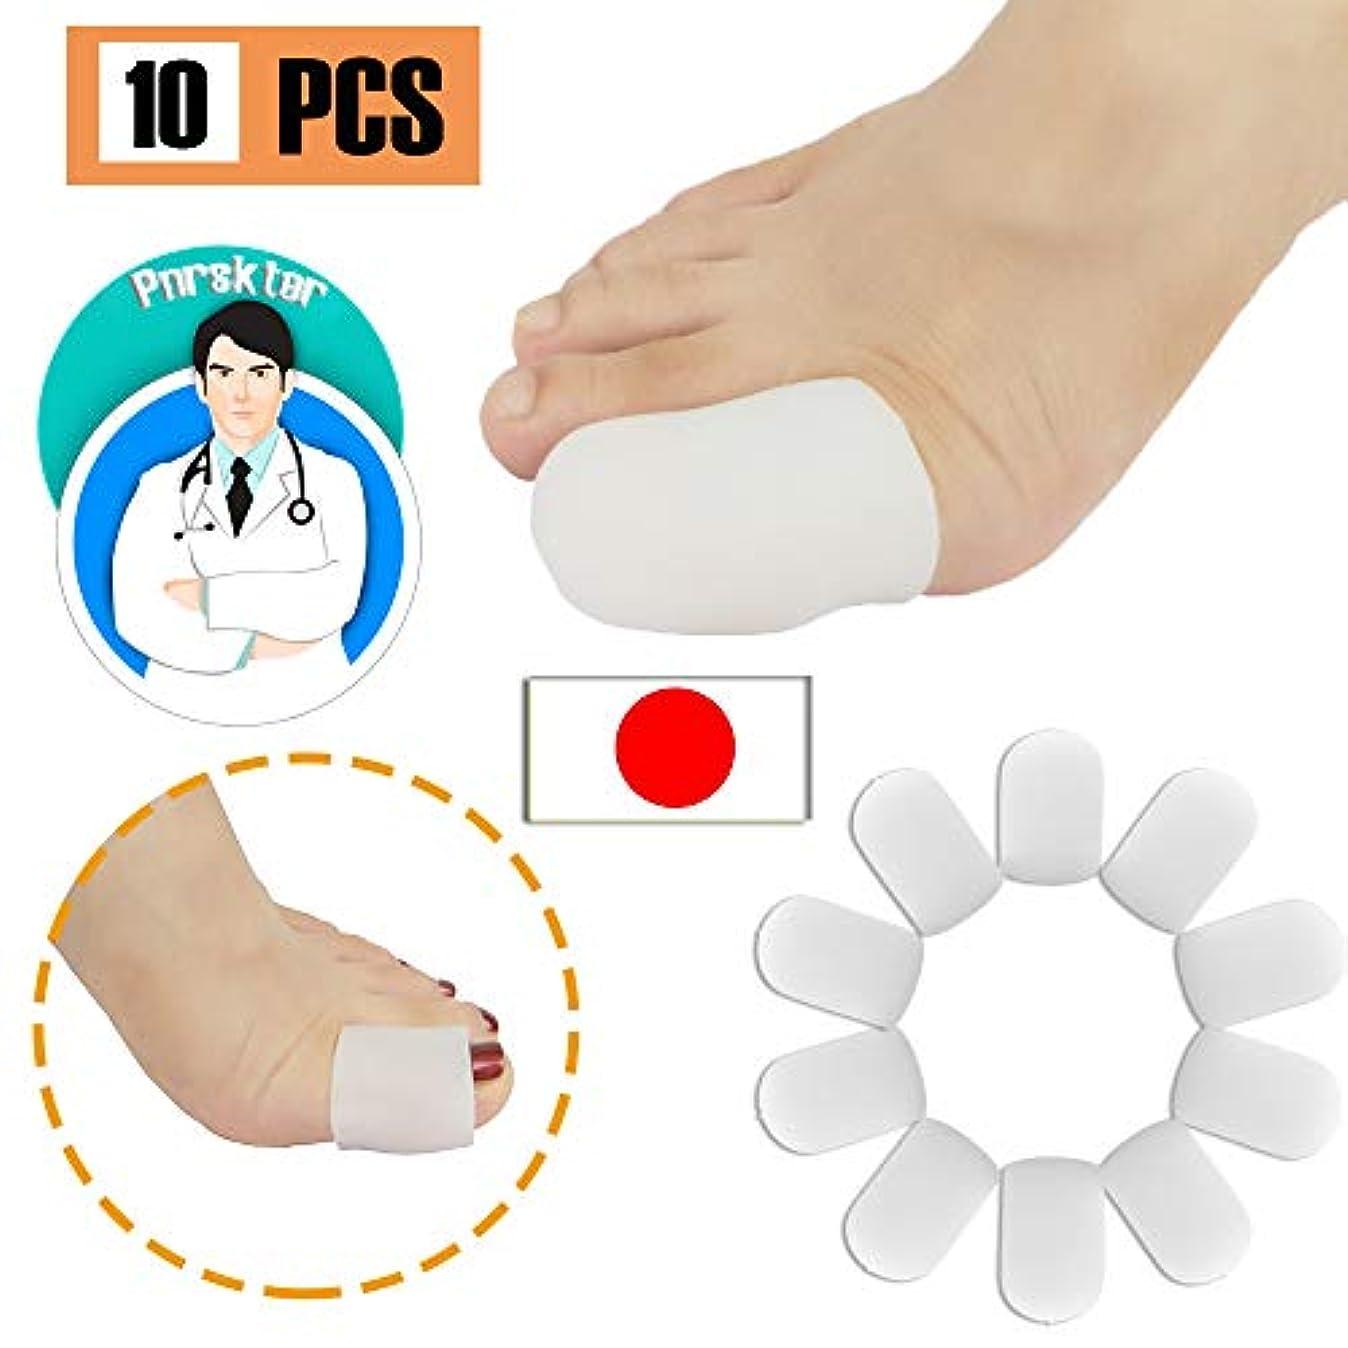 電極石灰岩メーカージェル 足指 足の親指 キャップ プロテクター スリーブ 新素材 水疱 ハンマートゥ 陥入爪 爪損傷 摩擦疼痛などの緩和 (足の親指用)(10個入り)